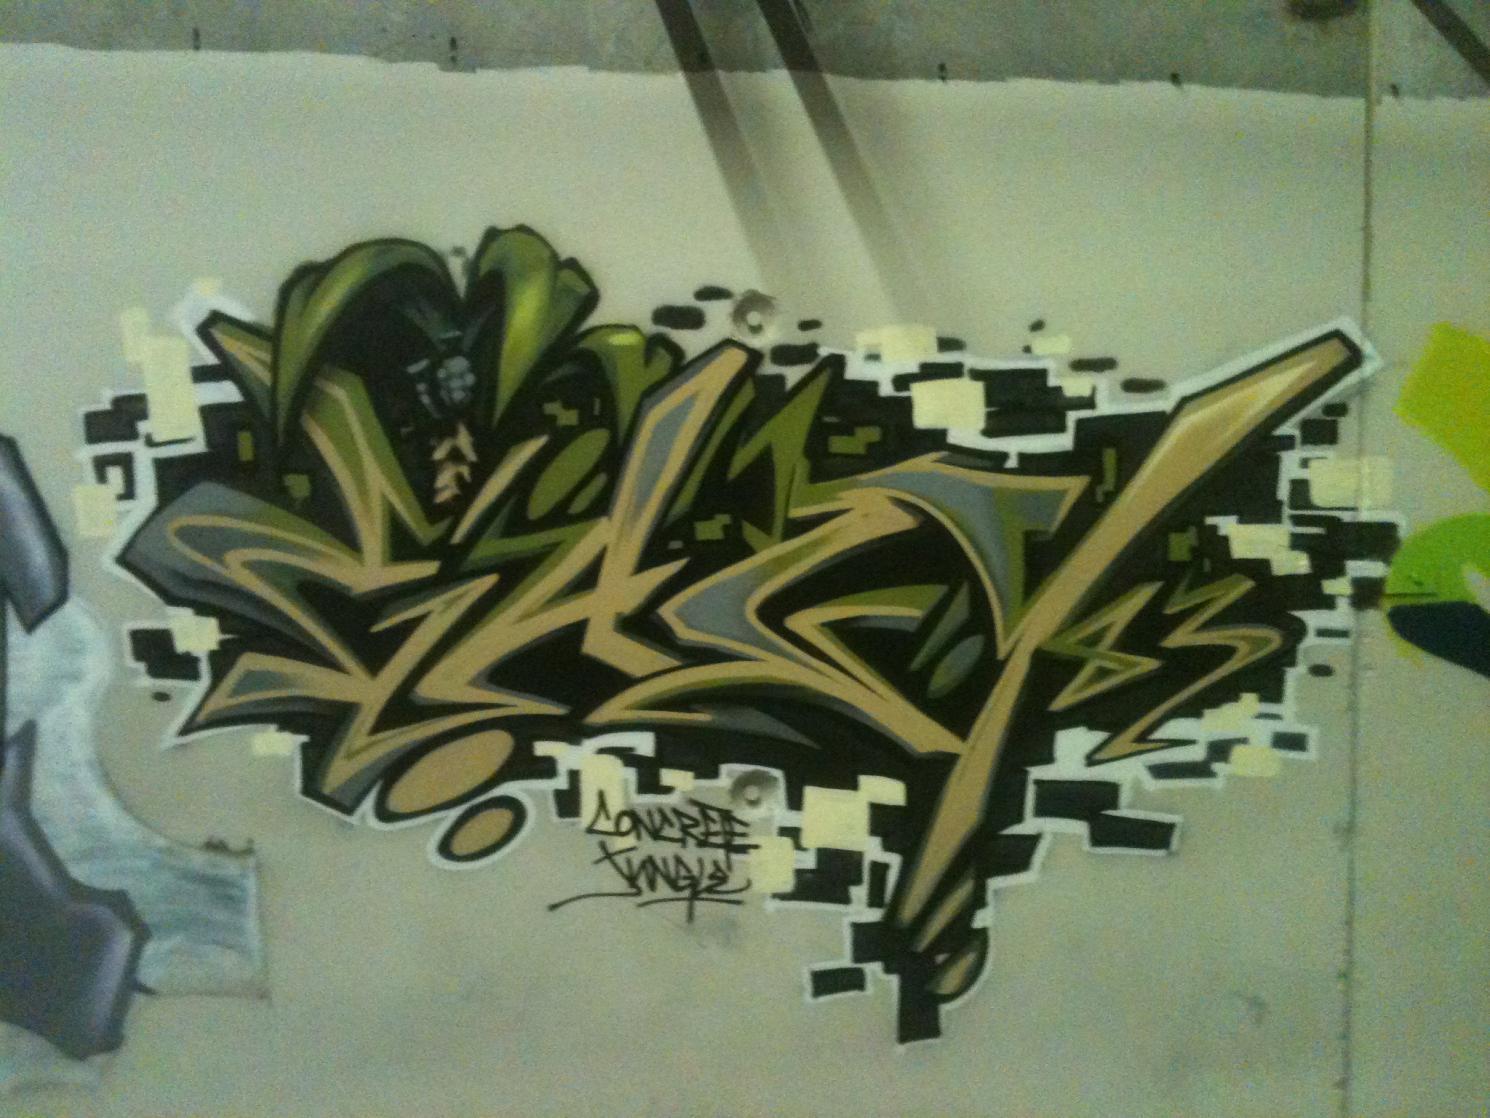 Eazy83.ConcreteJungle.jpg